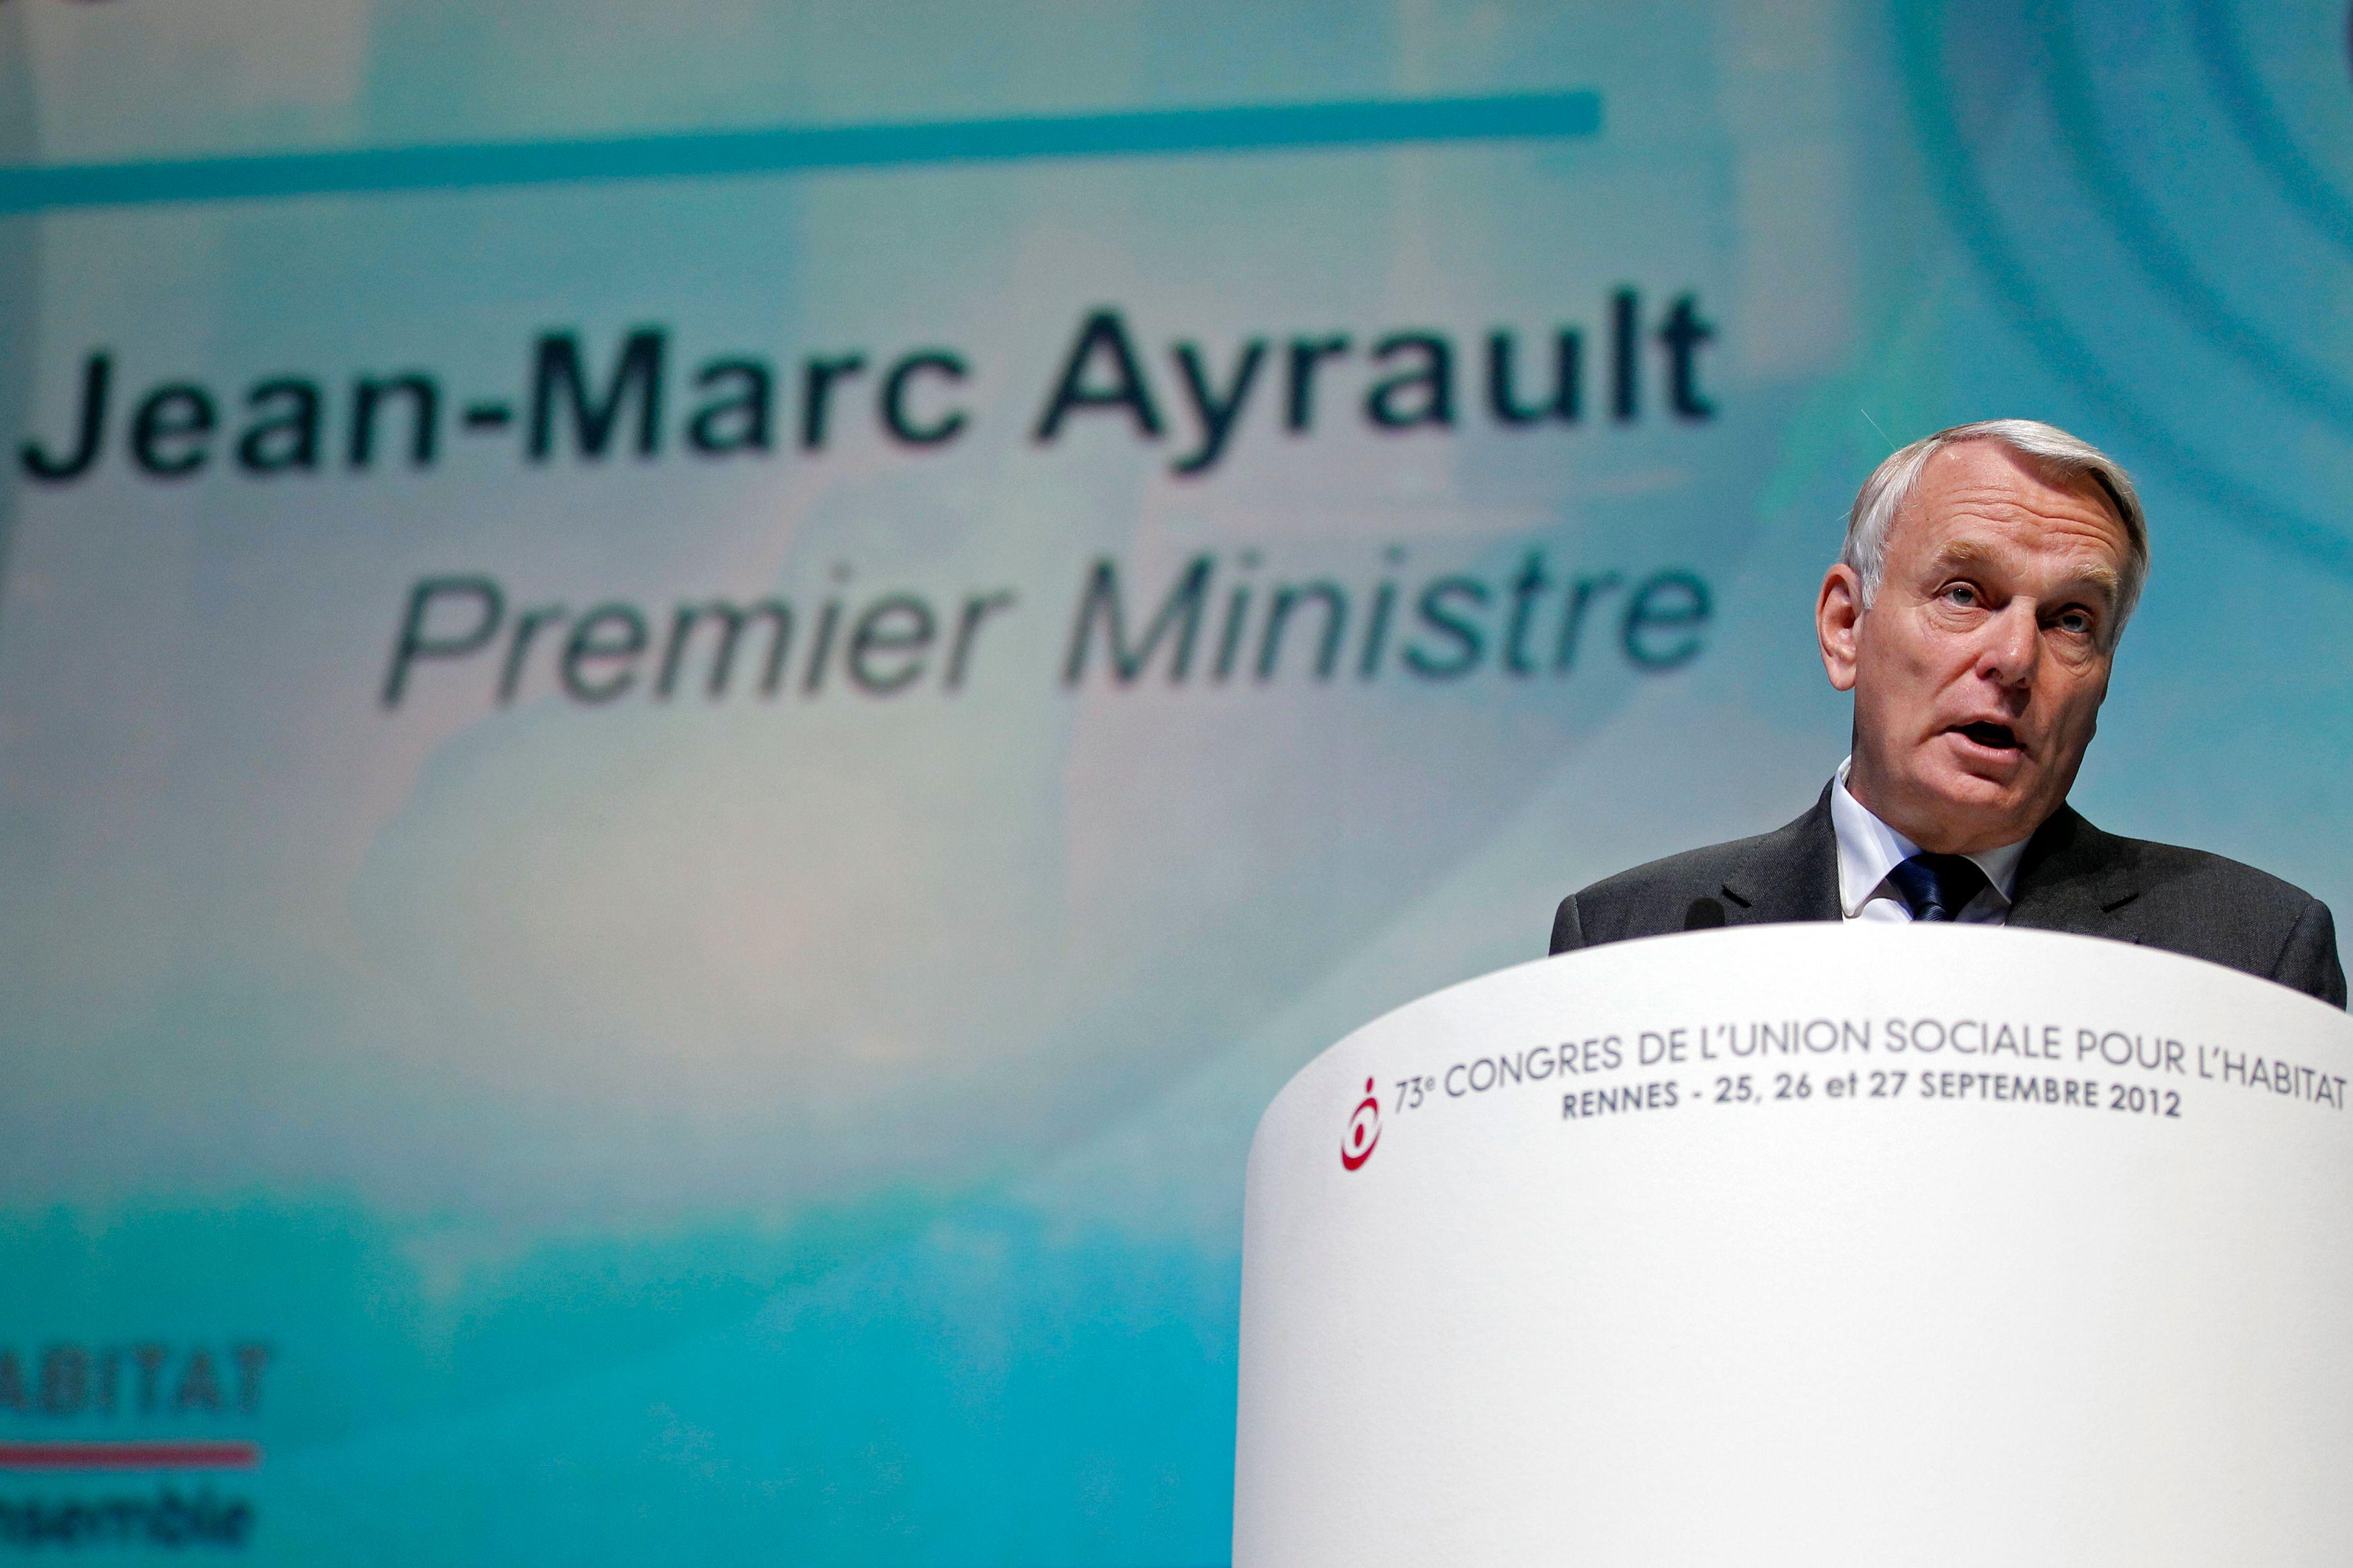 Jean-Marc Ayrault annonce qu'il ouvrira un débat national autour de la fiscalité